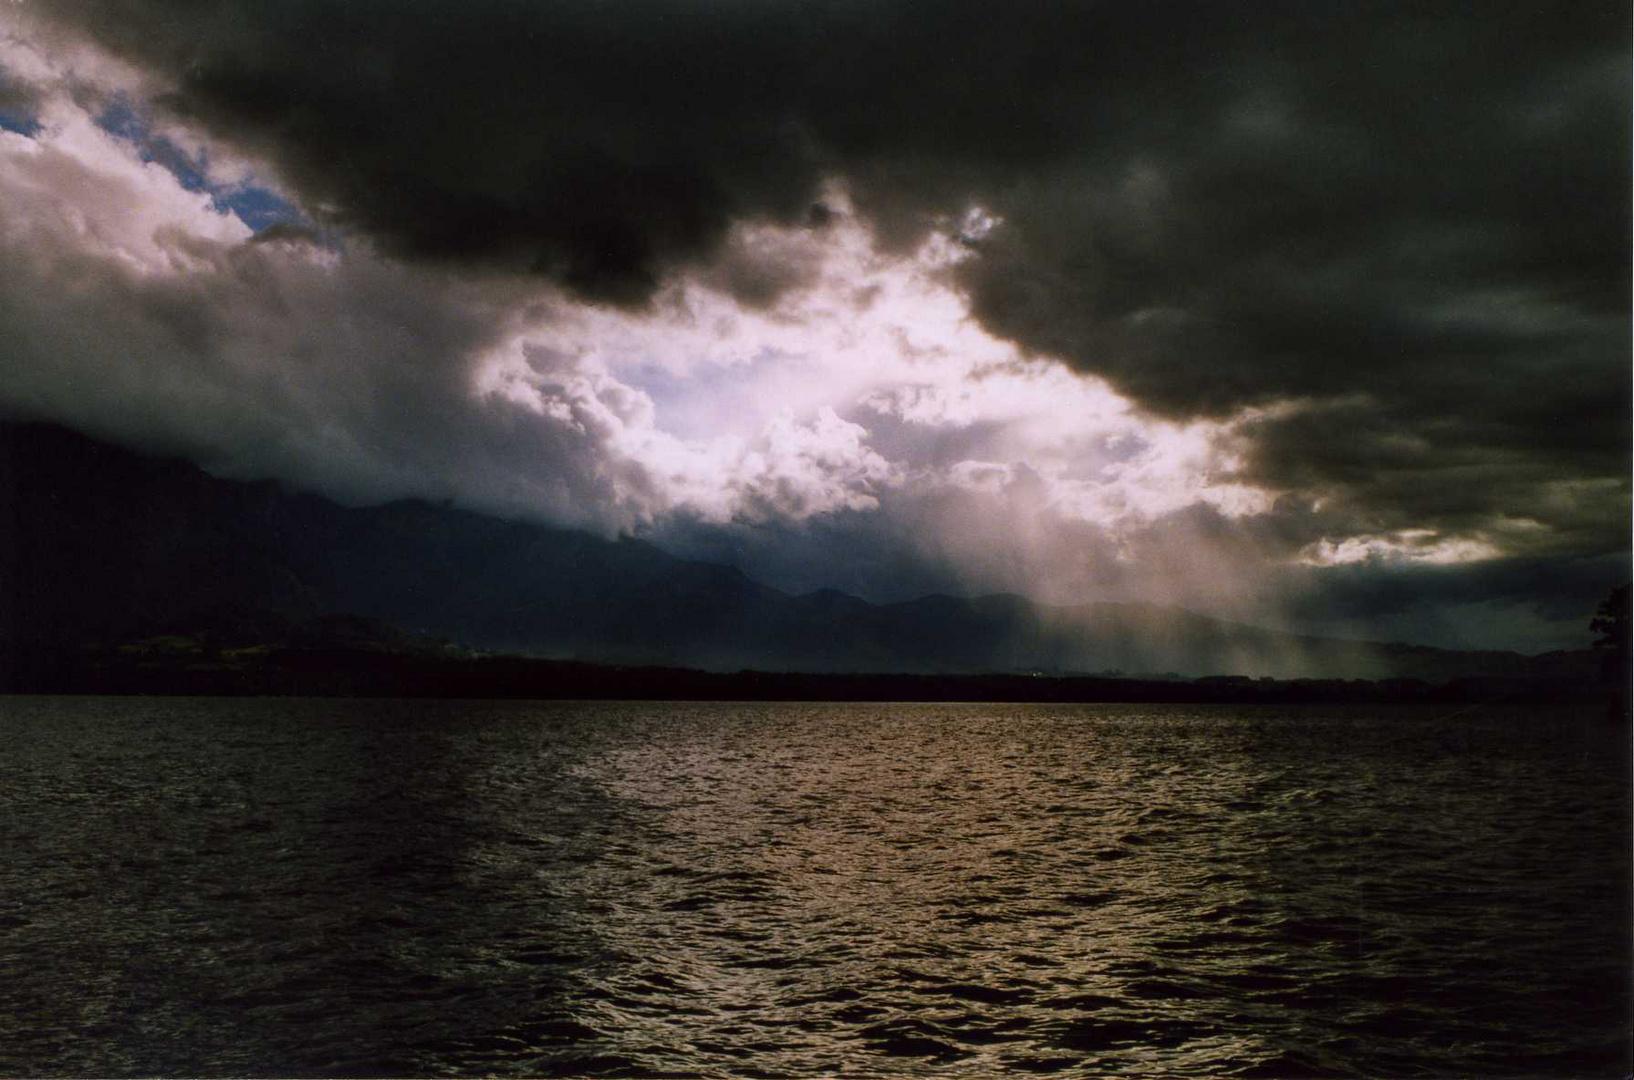 acqua, luce, terra e nuvole che si fondono da ( catturando ricordi)